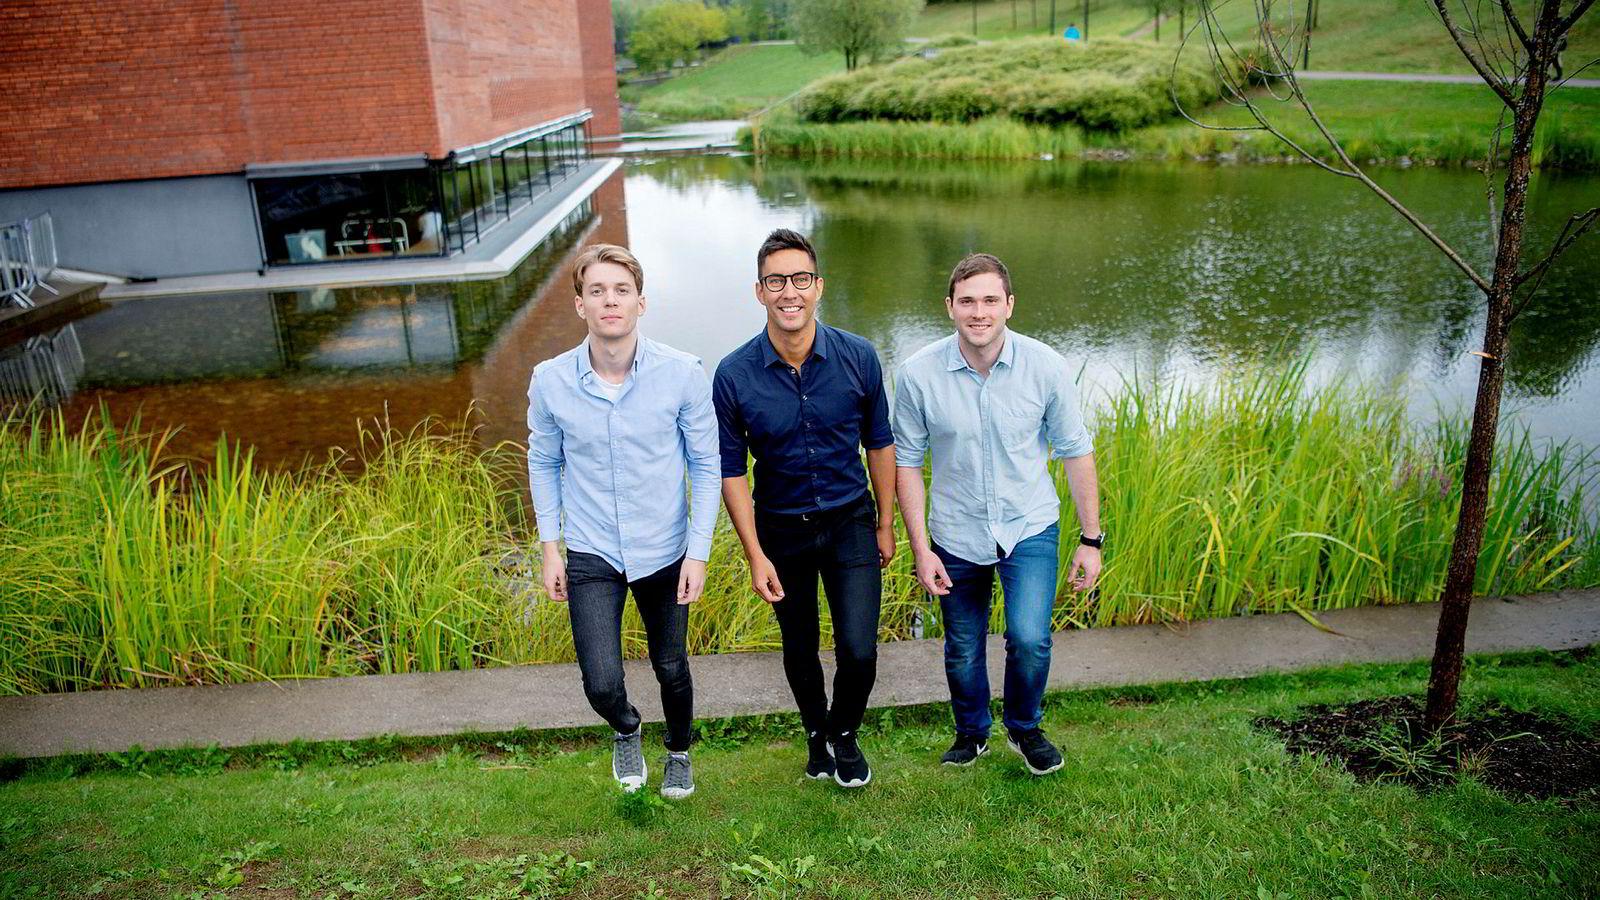 De tre studentene, fra venstre Christer Mathiesen, Erlend Sierra og Eirik Worren Legernæs møttes på NTNU og startet droneteknologiselskapet Versor. Nå er de ett av ti oppstartsselskaper fra hele verden som skal holde hus hos Equinor på Fornebu i tre måneder i høst.